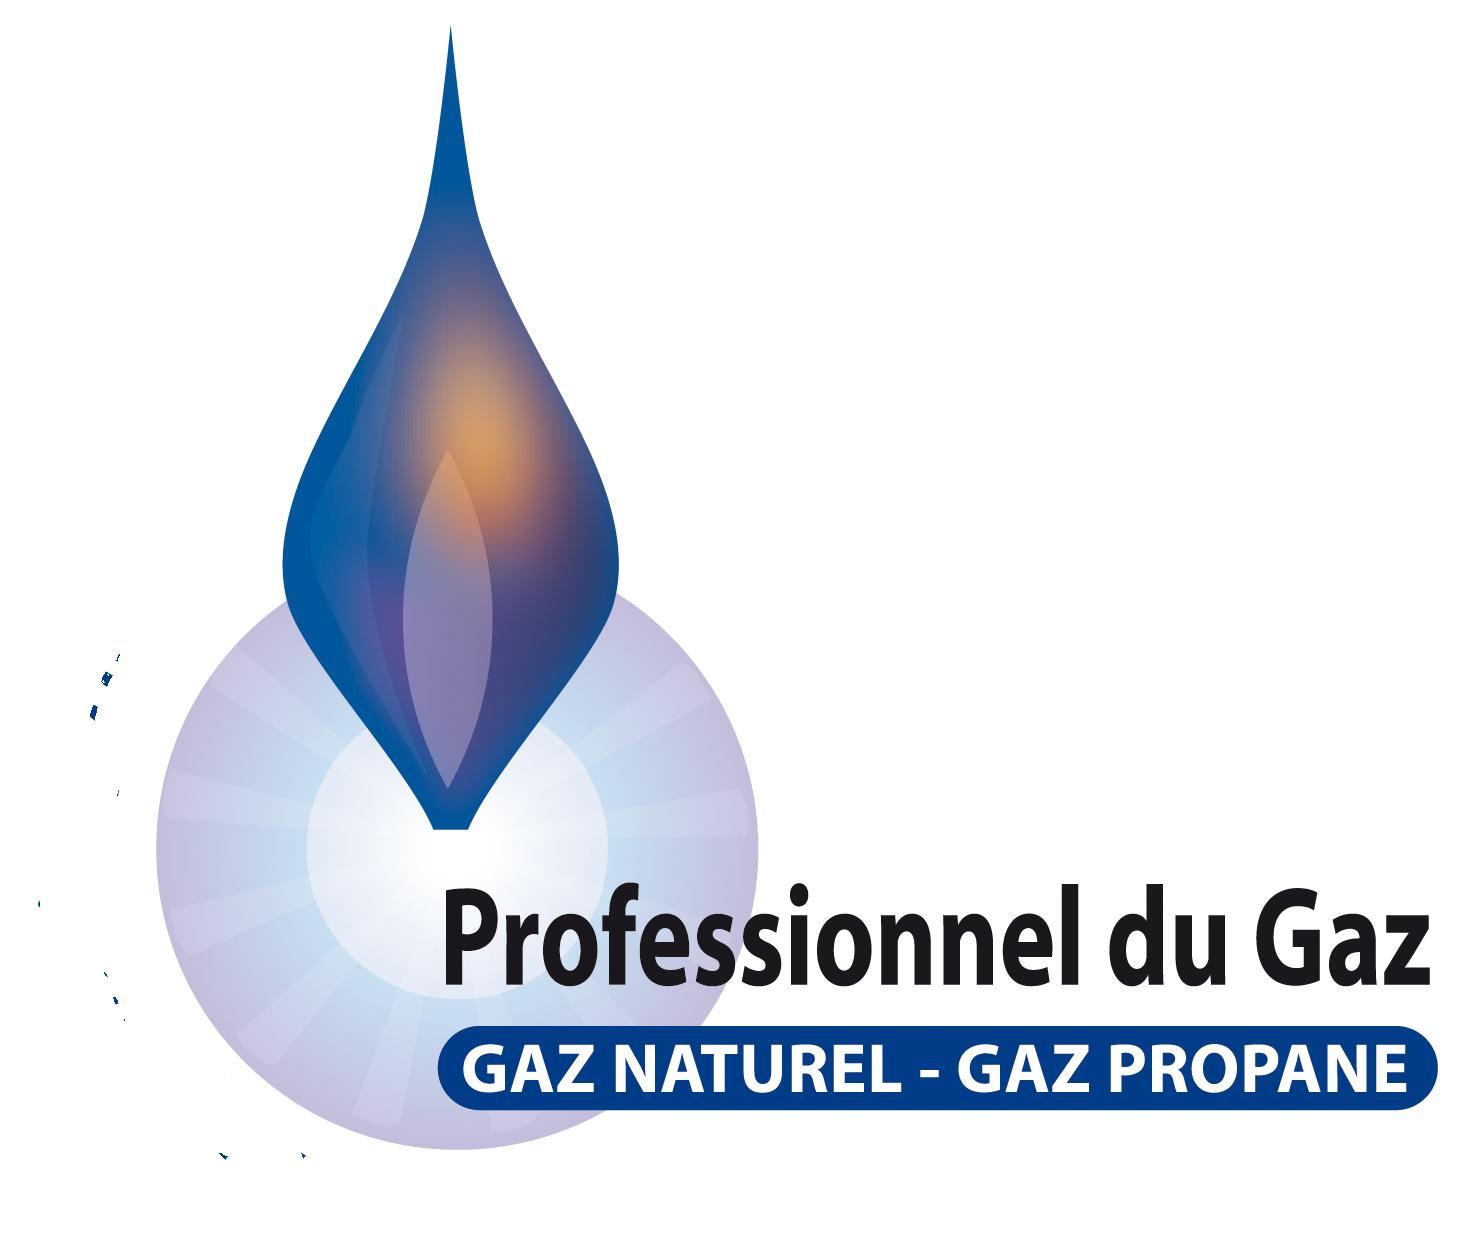 Logo-professionnel du gaz